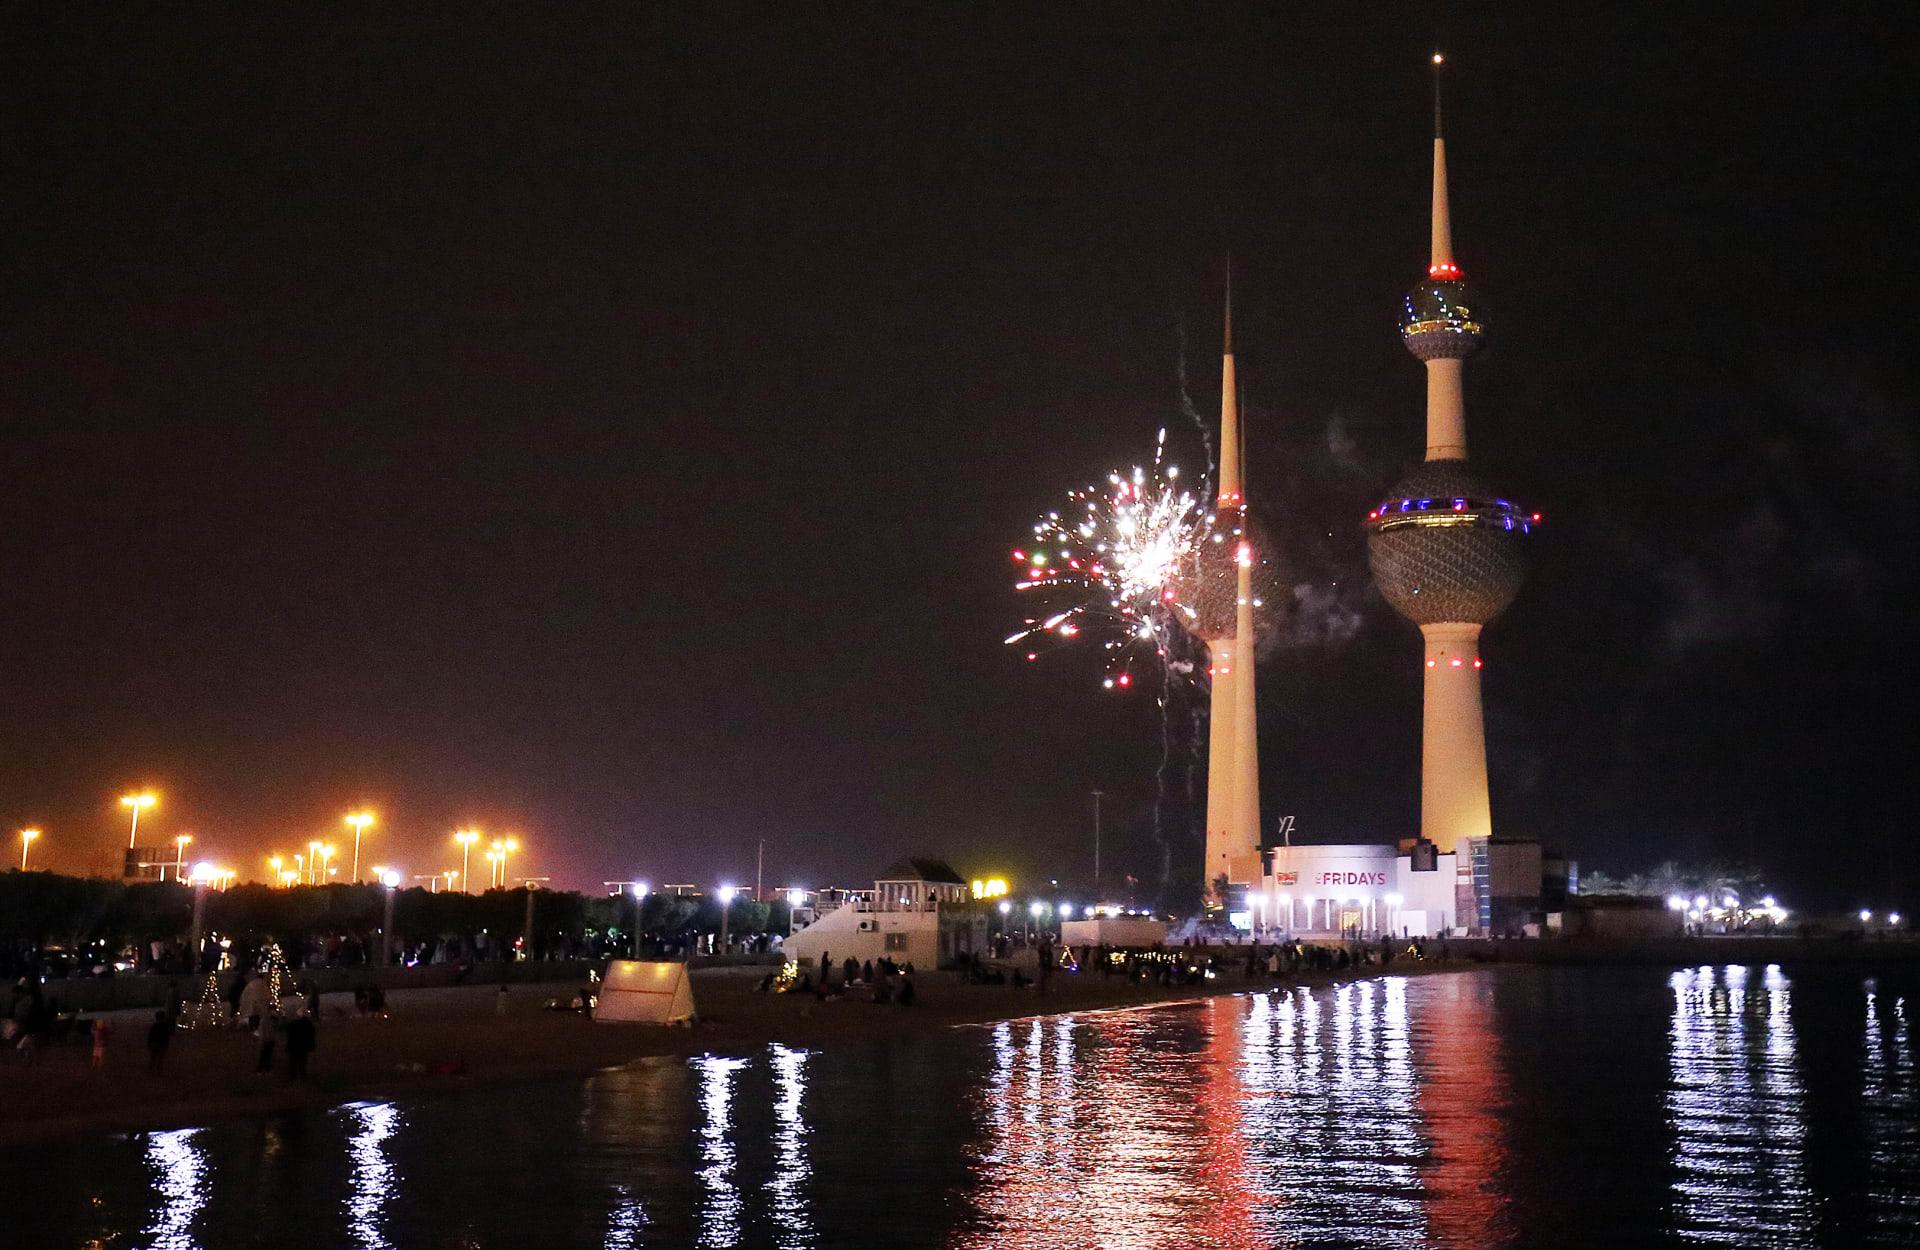 الكويت: حفل غنائي في ليلة رأس السنة يثير جدلا واسعاً.. وقرار من وزارة الإعلام